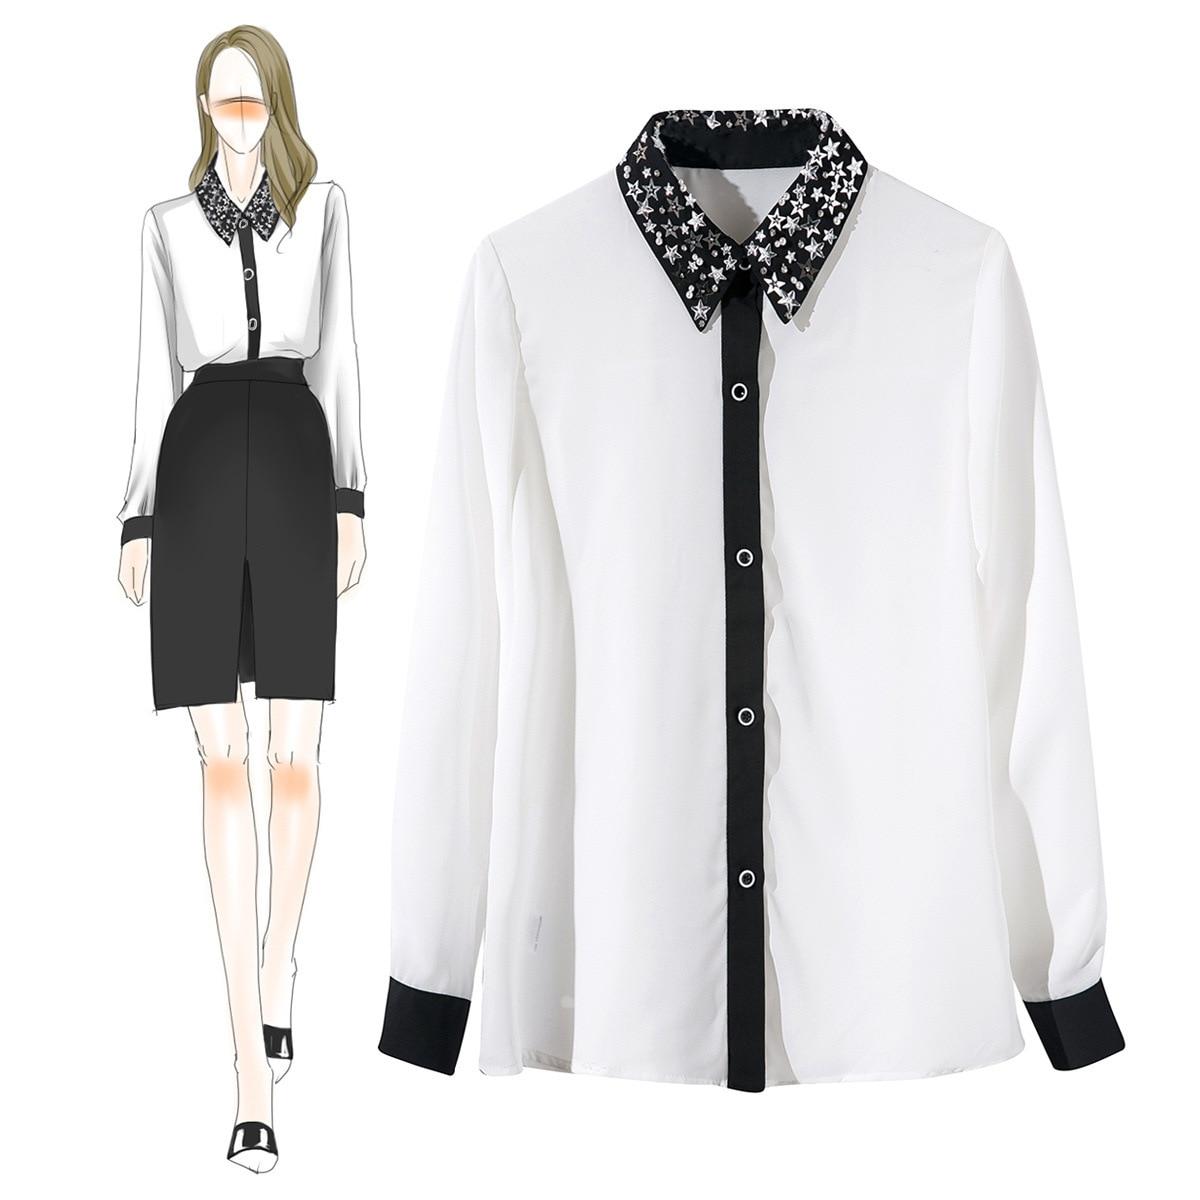 Блузка Шеин корейский Zanzea Неон Ранняя осень новый стиль нагрудные бусины, блёстки, рукава, женские рубашки для мальчиков, шифон женская 971910